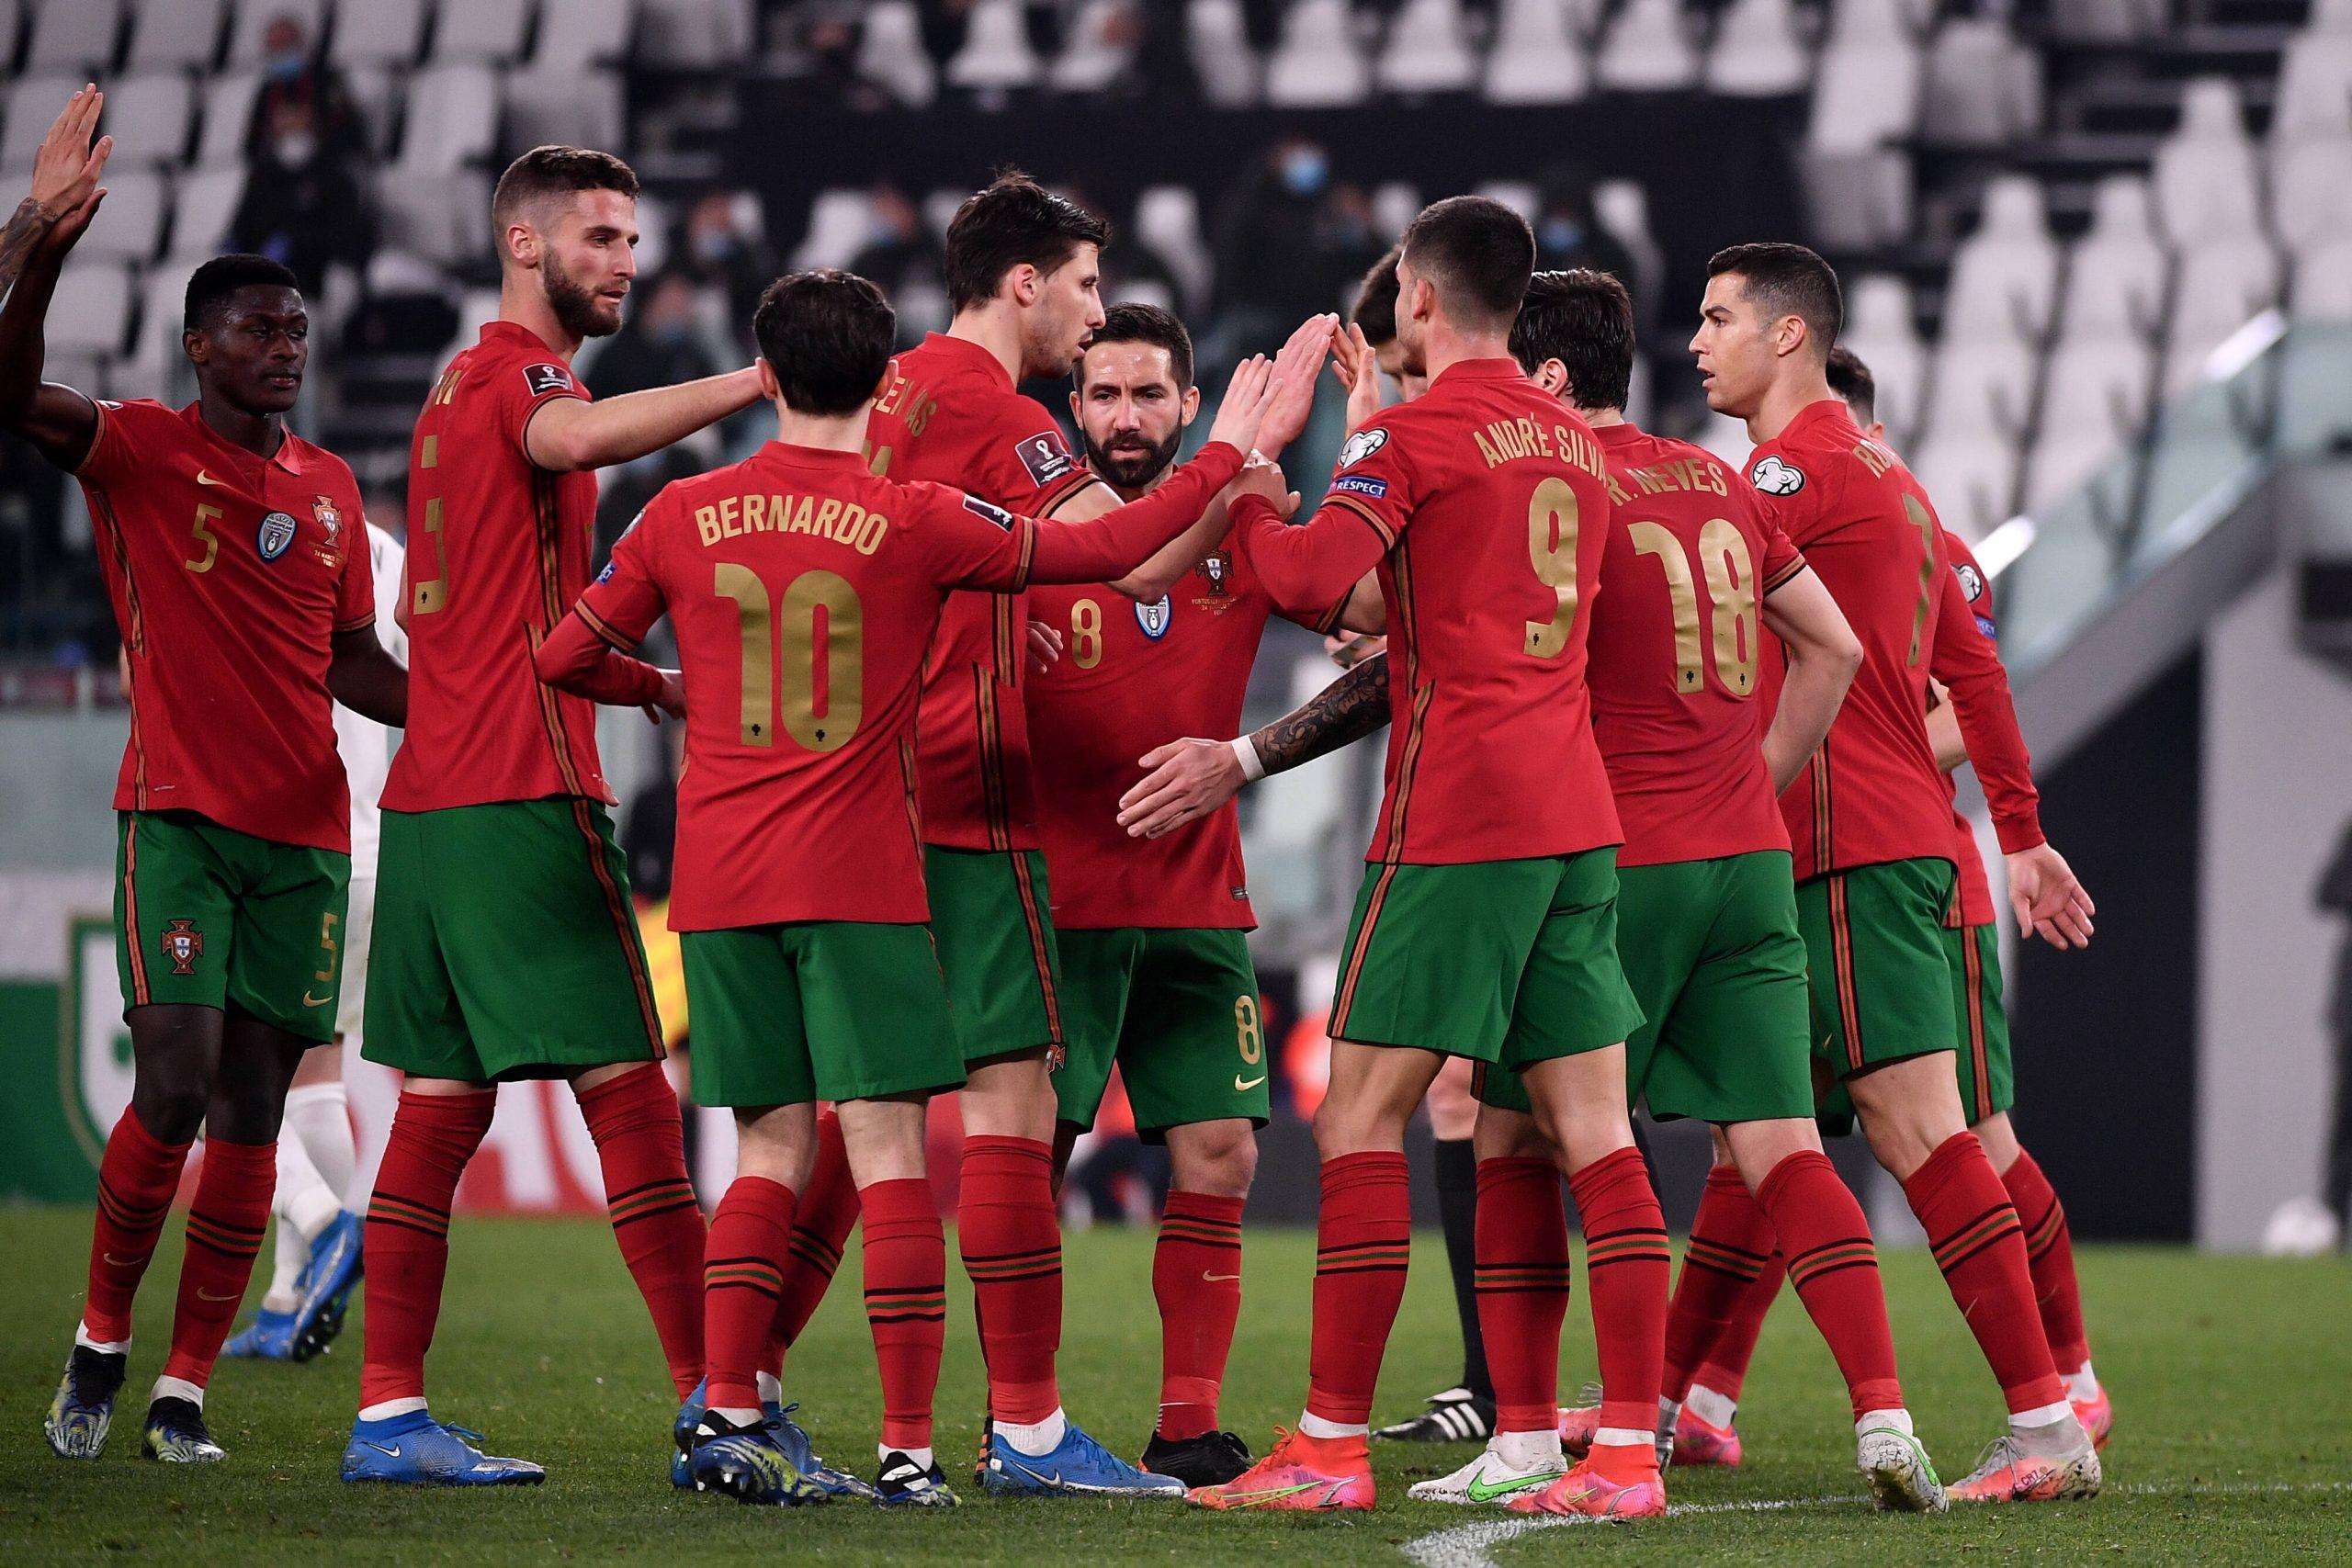 Les joueurs du Portugal célèbrent après que Maksim Medvedev de l'Azerbaïdjan ait marqué contre son camp le but de 1-0 pendant la Coupe du Monde de la FIFA